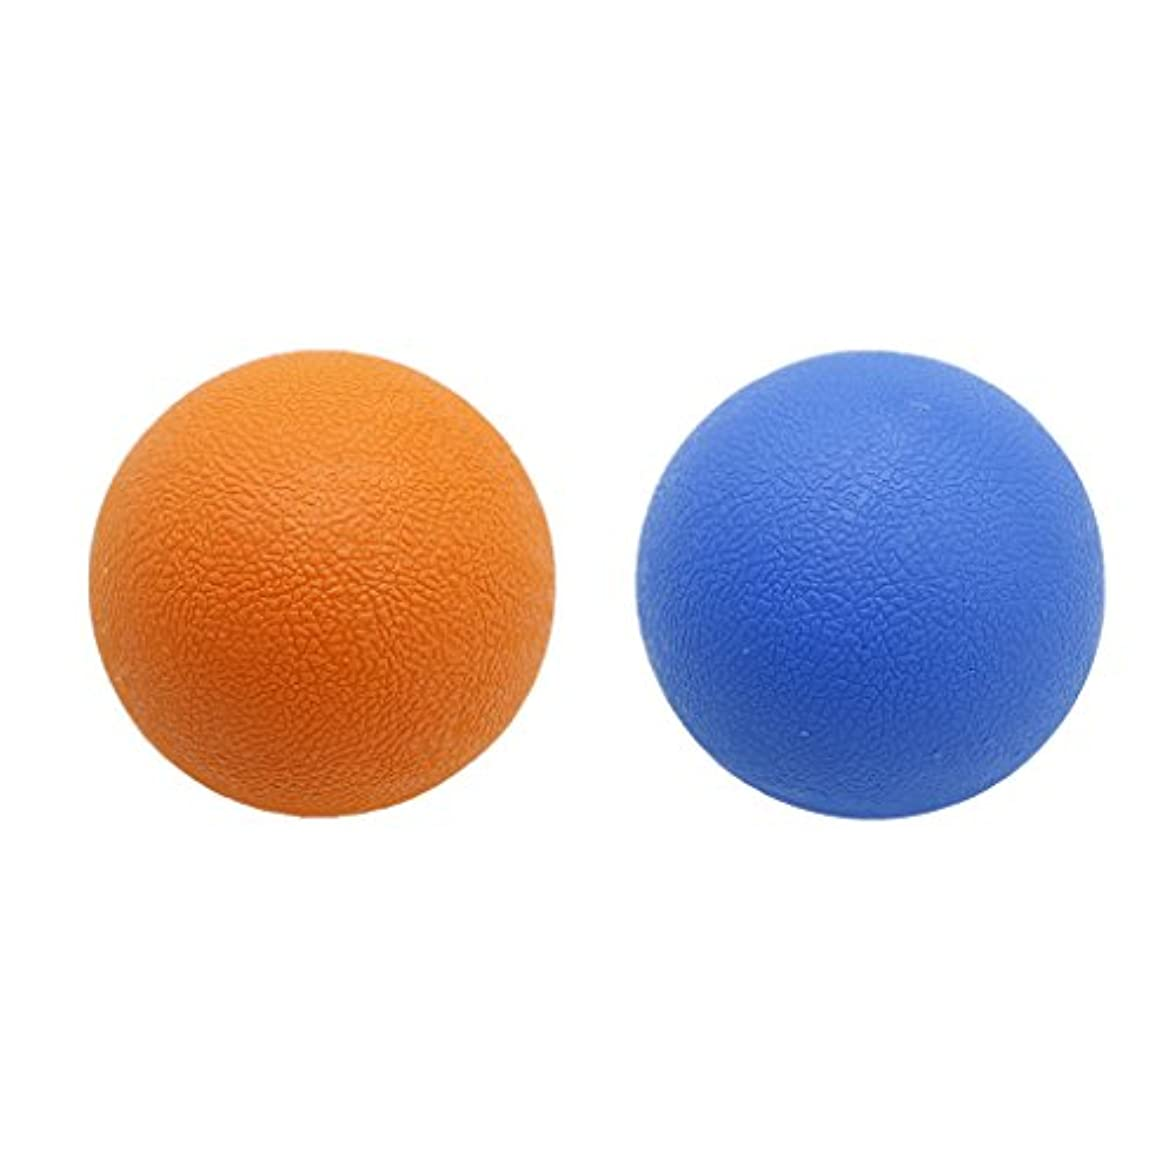 爪彼自身リスト2個 マッサージボール ストレッチボール トリガーポイント トレーニング マッサージ リラックス 便利 多色選べる - オレンジブルー